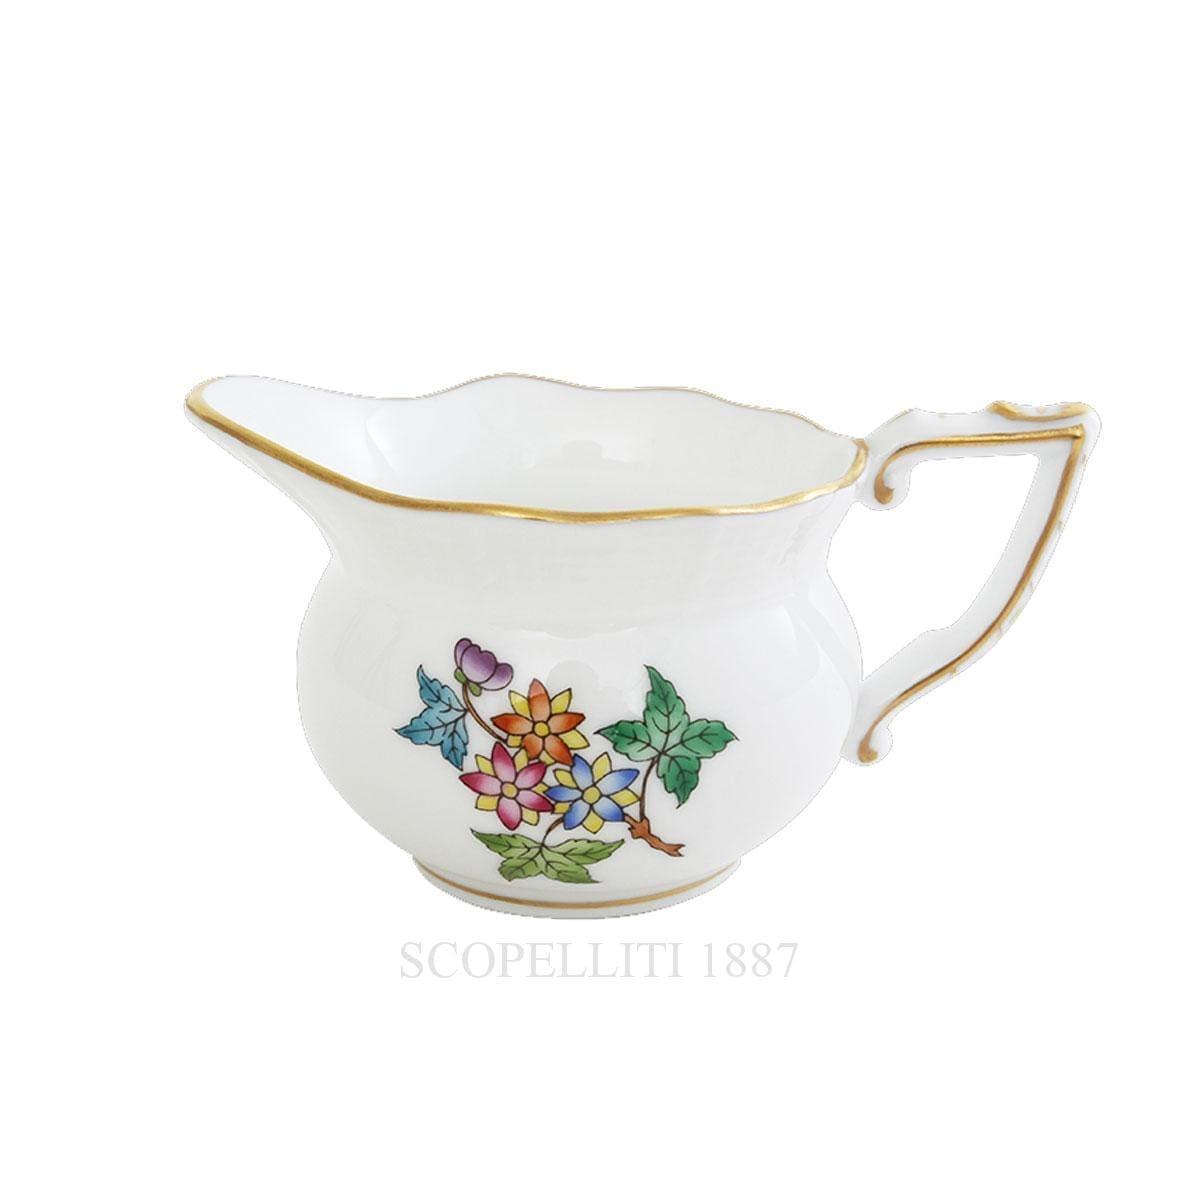 herend porcelain queen victoria creamer